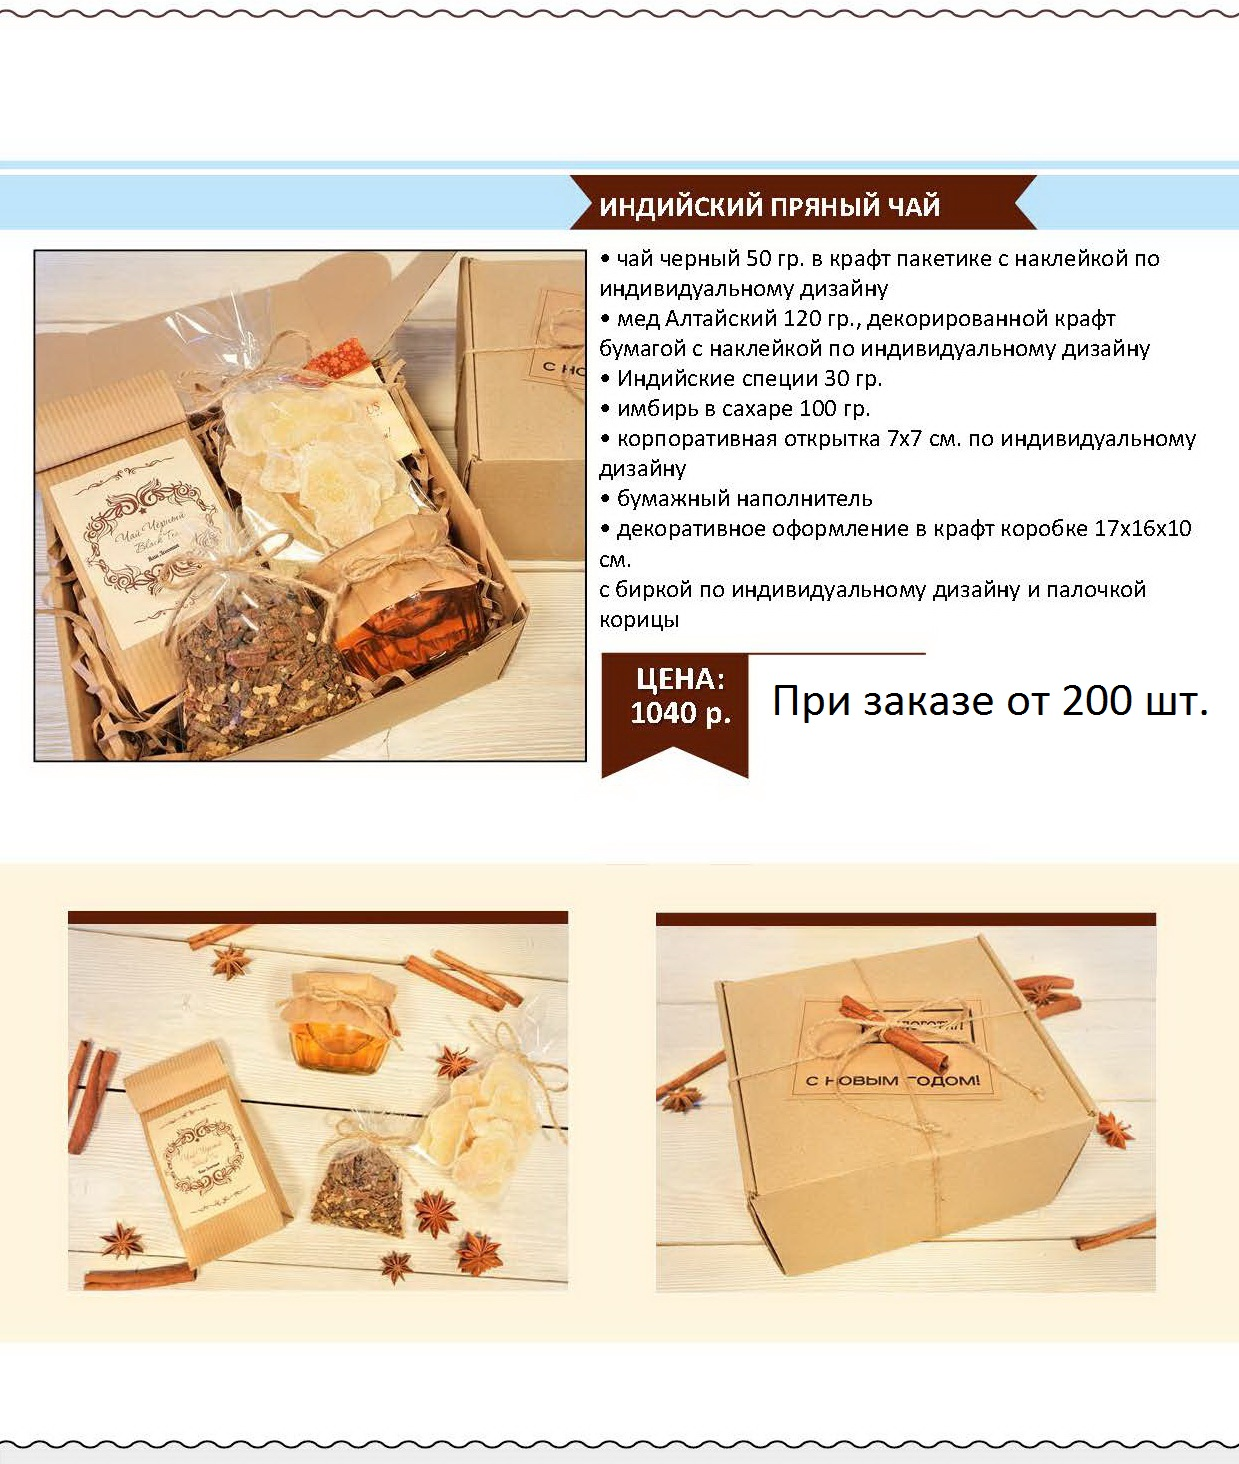 new_year_stranitsa_022